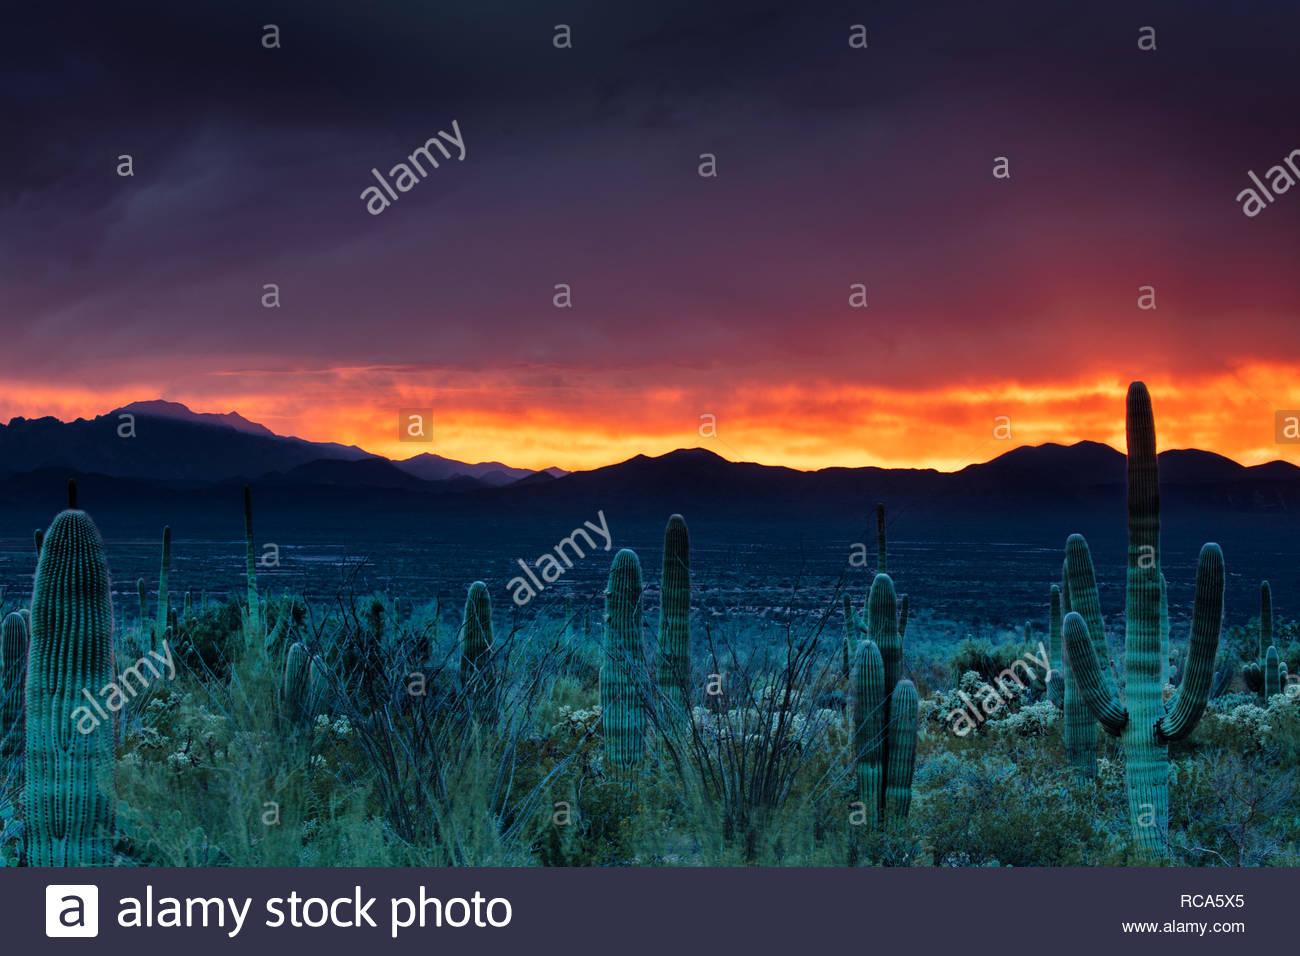 Eine feurige, späten Herbst Sonnenuntergang Farben am Himmel über die Coyote Berge und die saguaros (Carnegiea gigantea) von Saguaro National Park in der Nähe von Tucson, Ari Stockbild